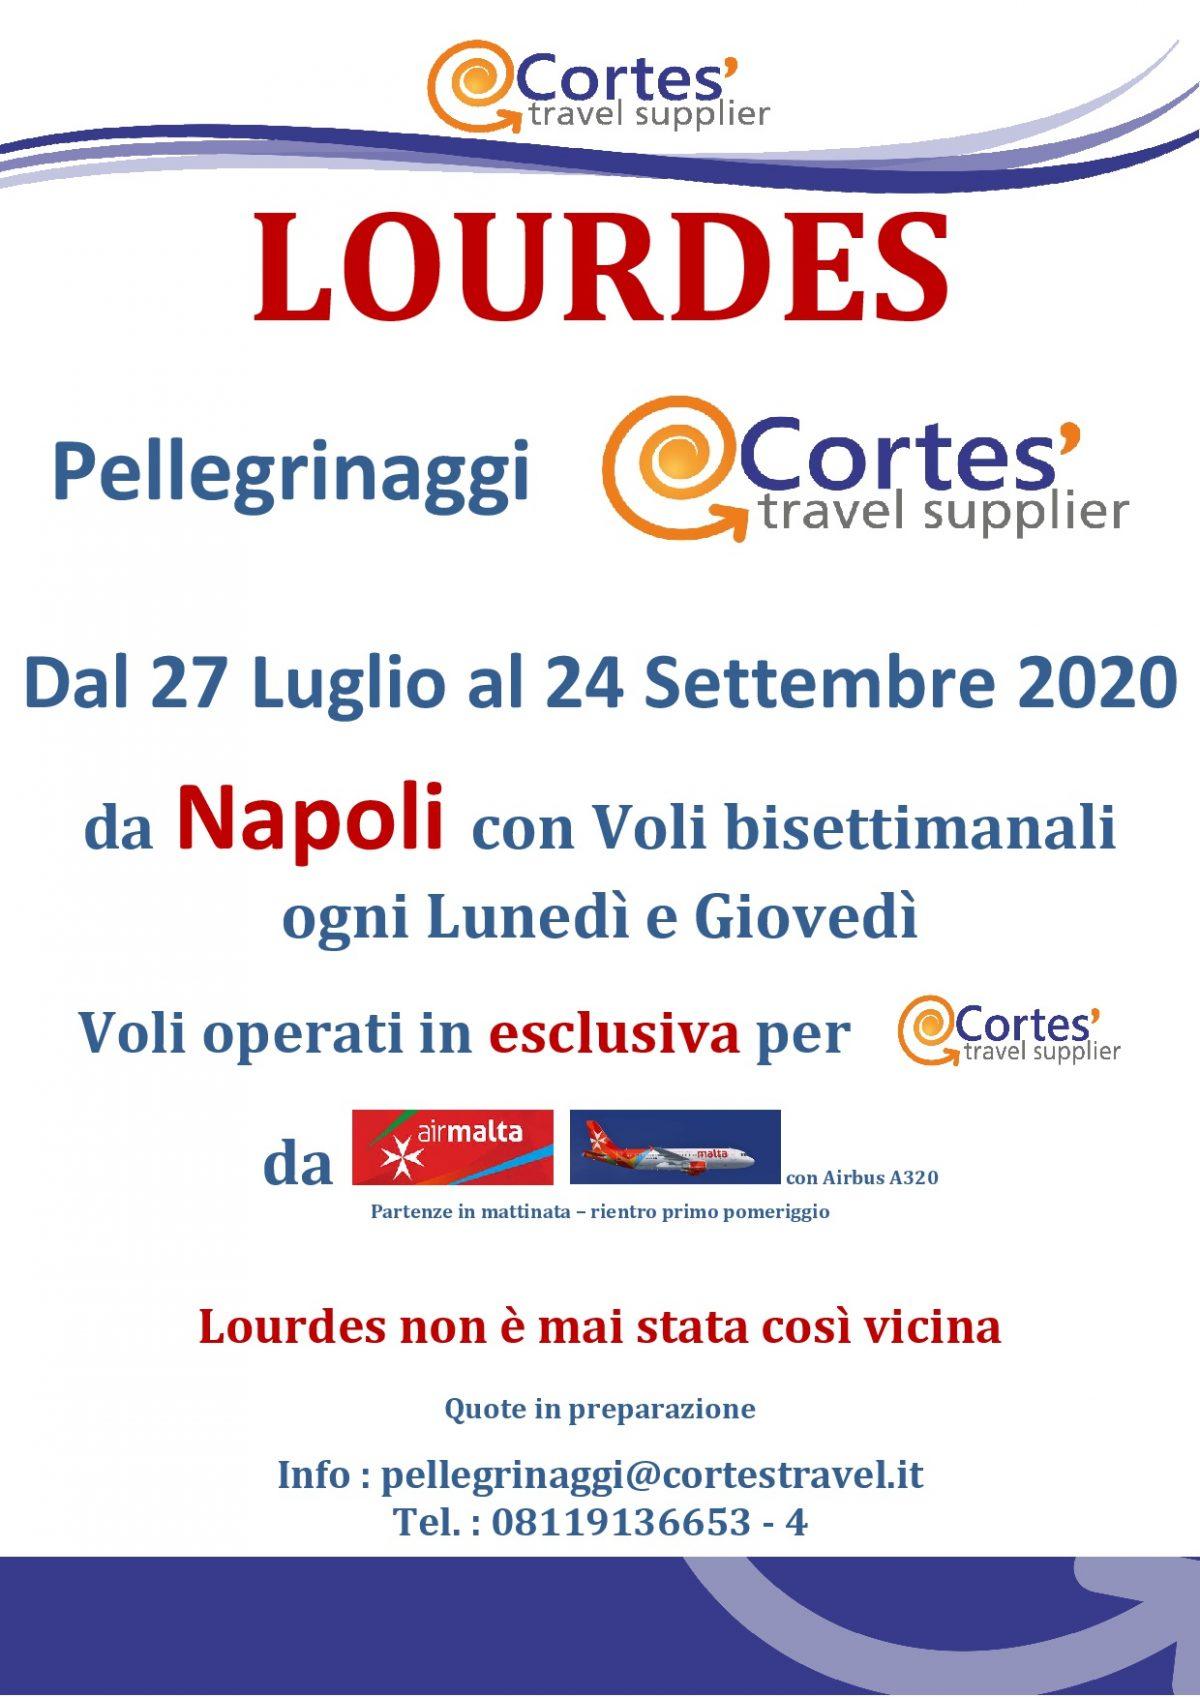 Lourdes Anteprima estate 2020